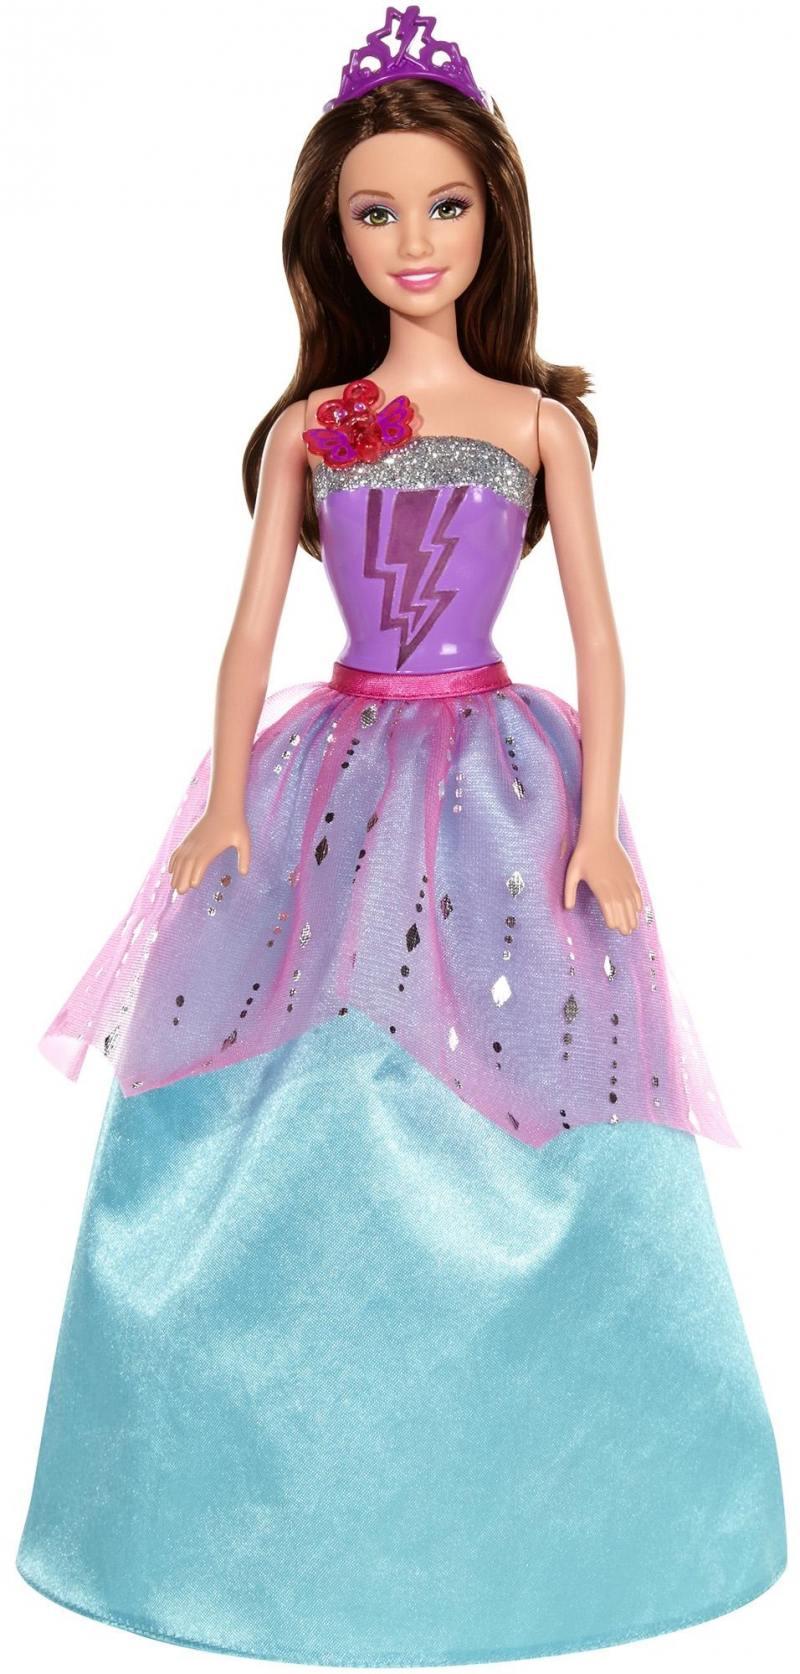 Игровой набор Barbie Супер-Принцесса Корин музыкальная CDY62